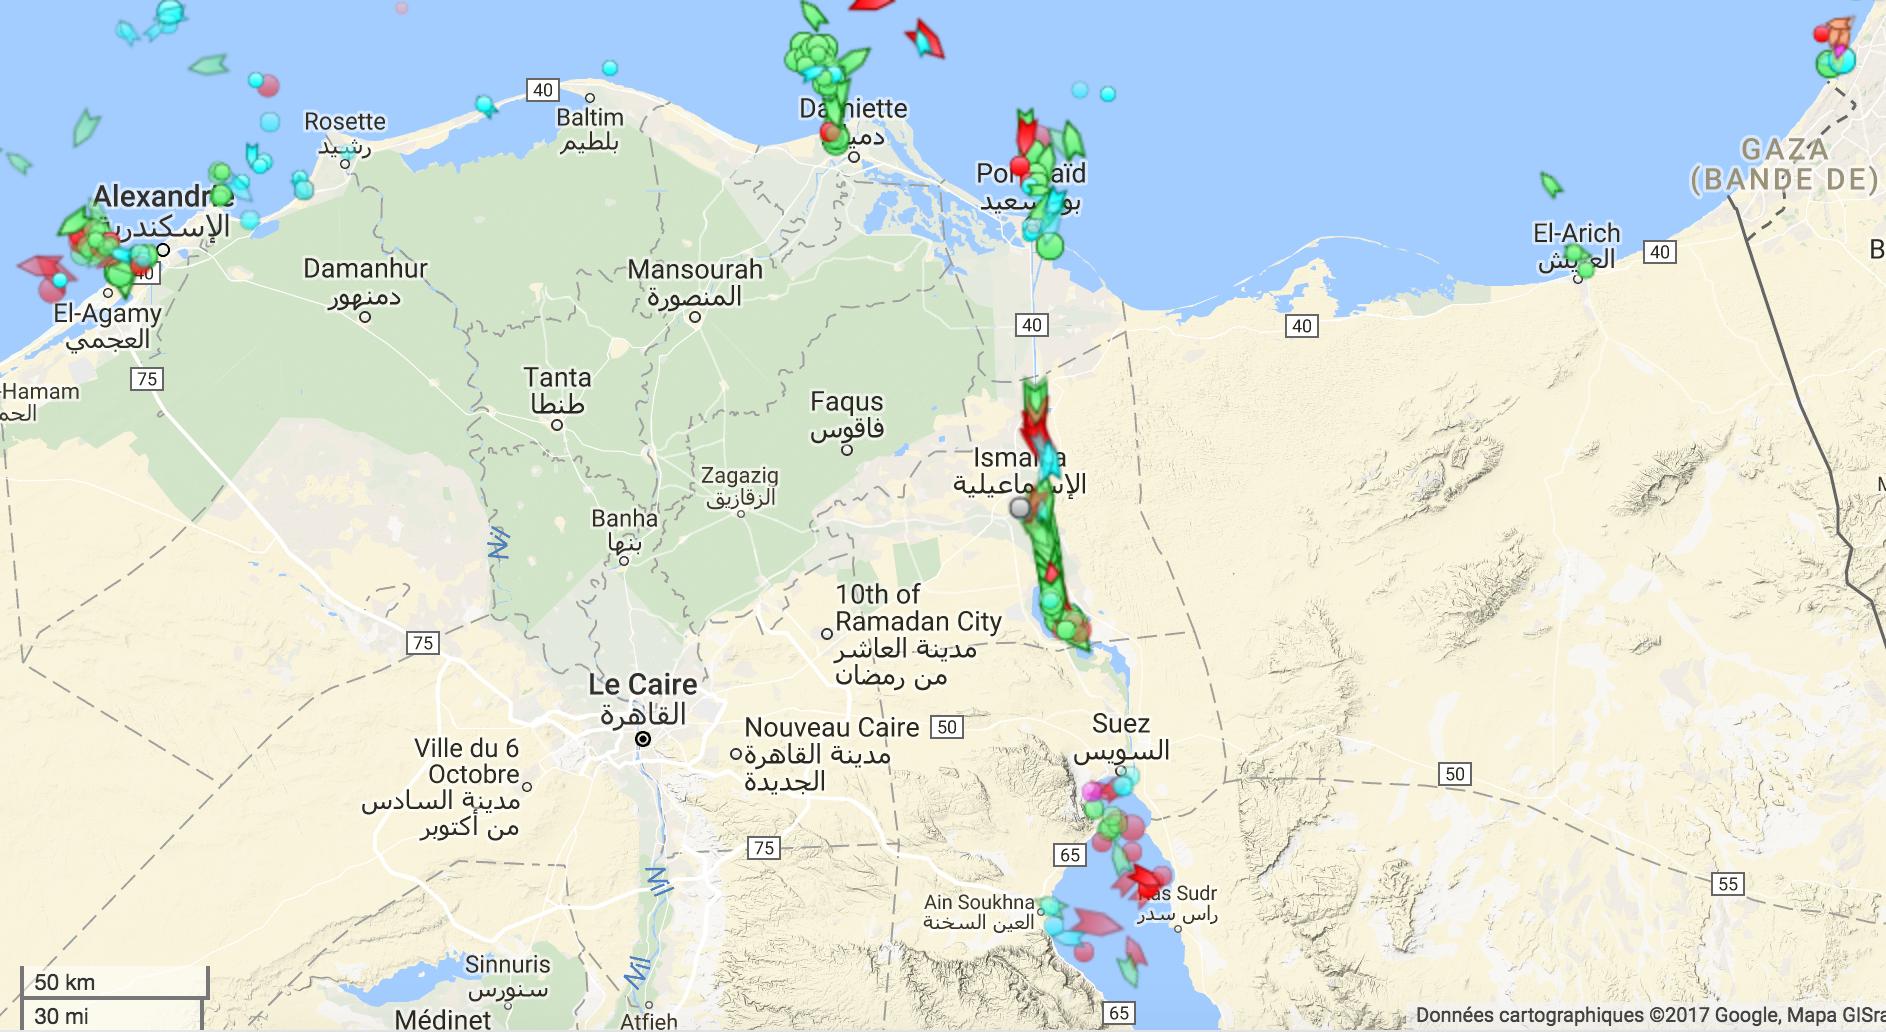 Un zoom sur le Canal de Suez suffit pour comprendre toute son importance stratégique. (Capture d'écran )